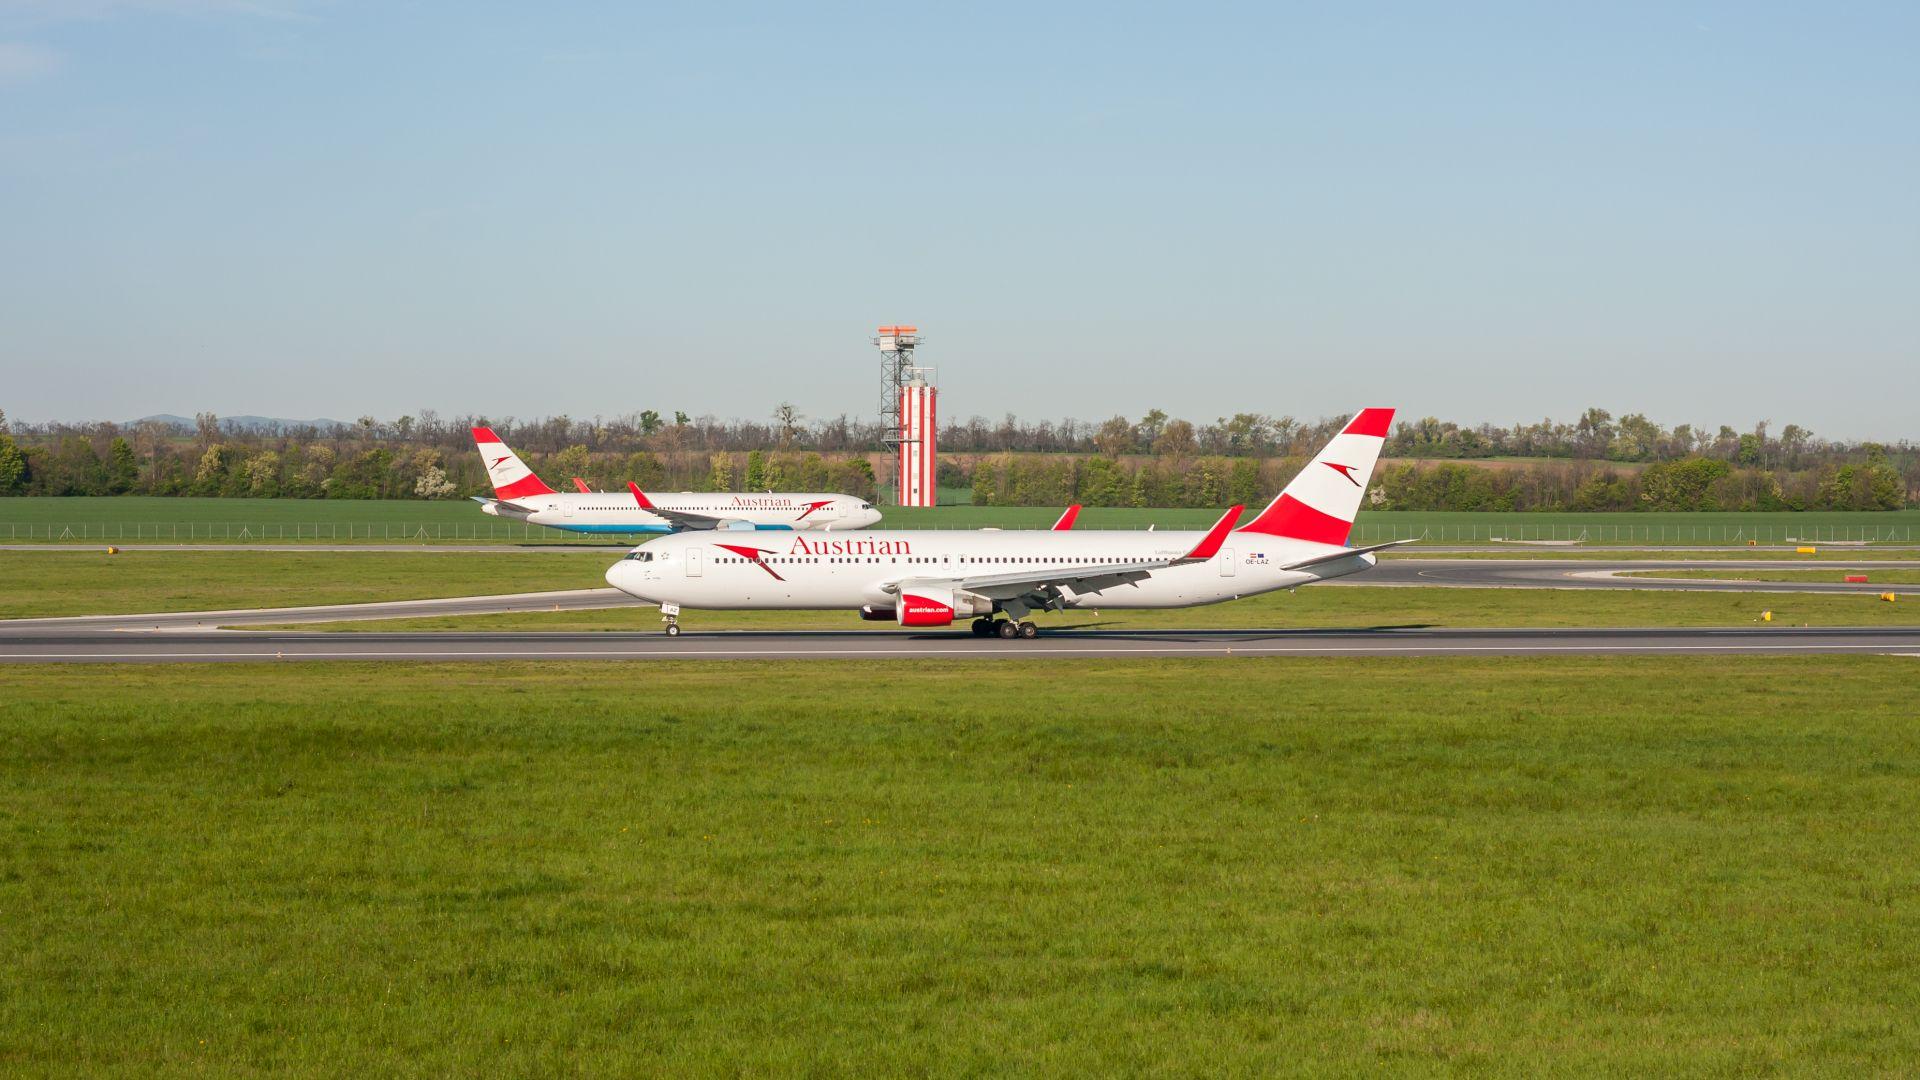 Австрия и кризата: Спасителен пакет за авиокомпания АУА и какво става с цените на наземния транспорт